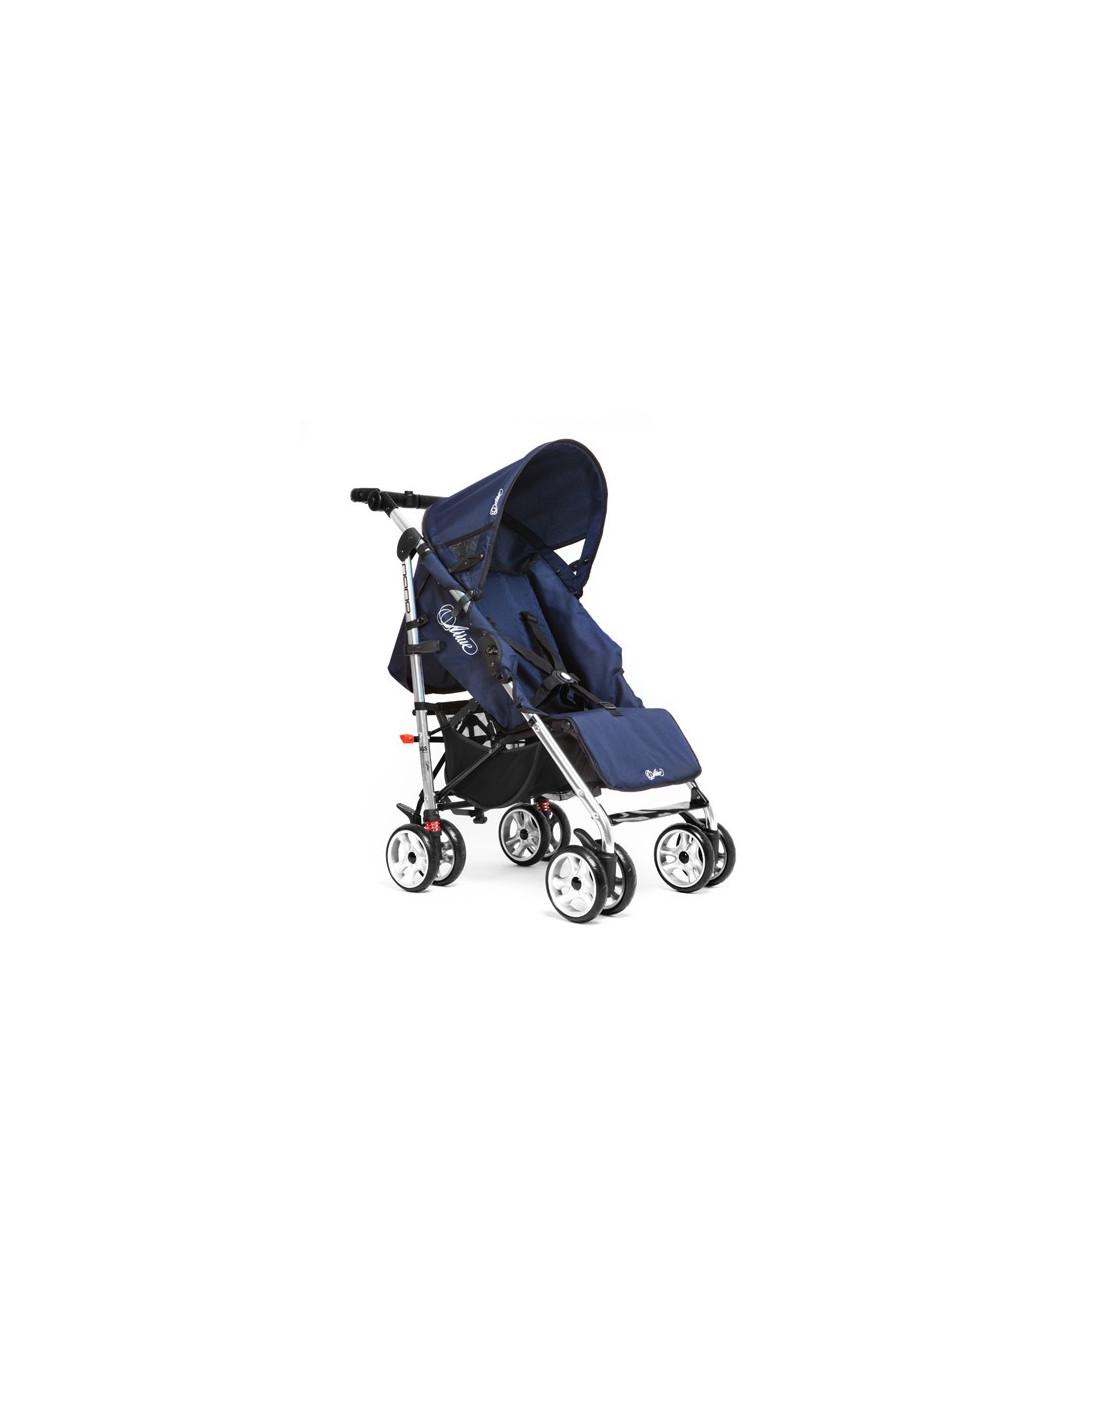 Silla de paseo nano de arrue la mejor para tu beb - Mejor silla de paseo ligera ...